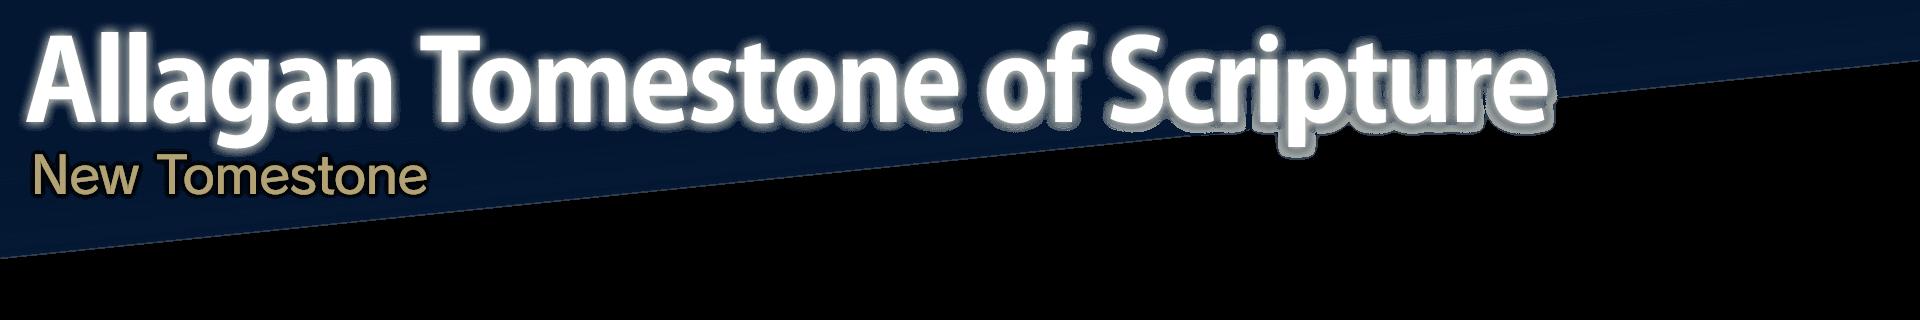 Allagan Tomestone of Scripture